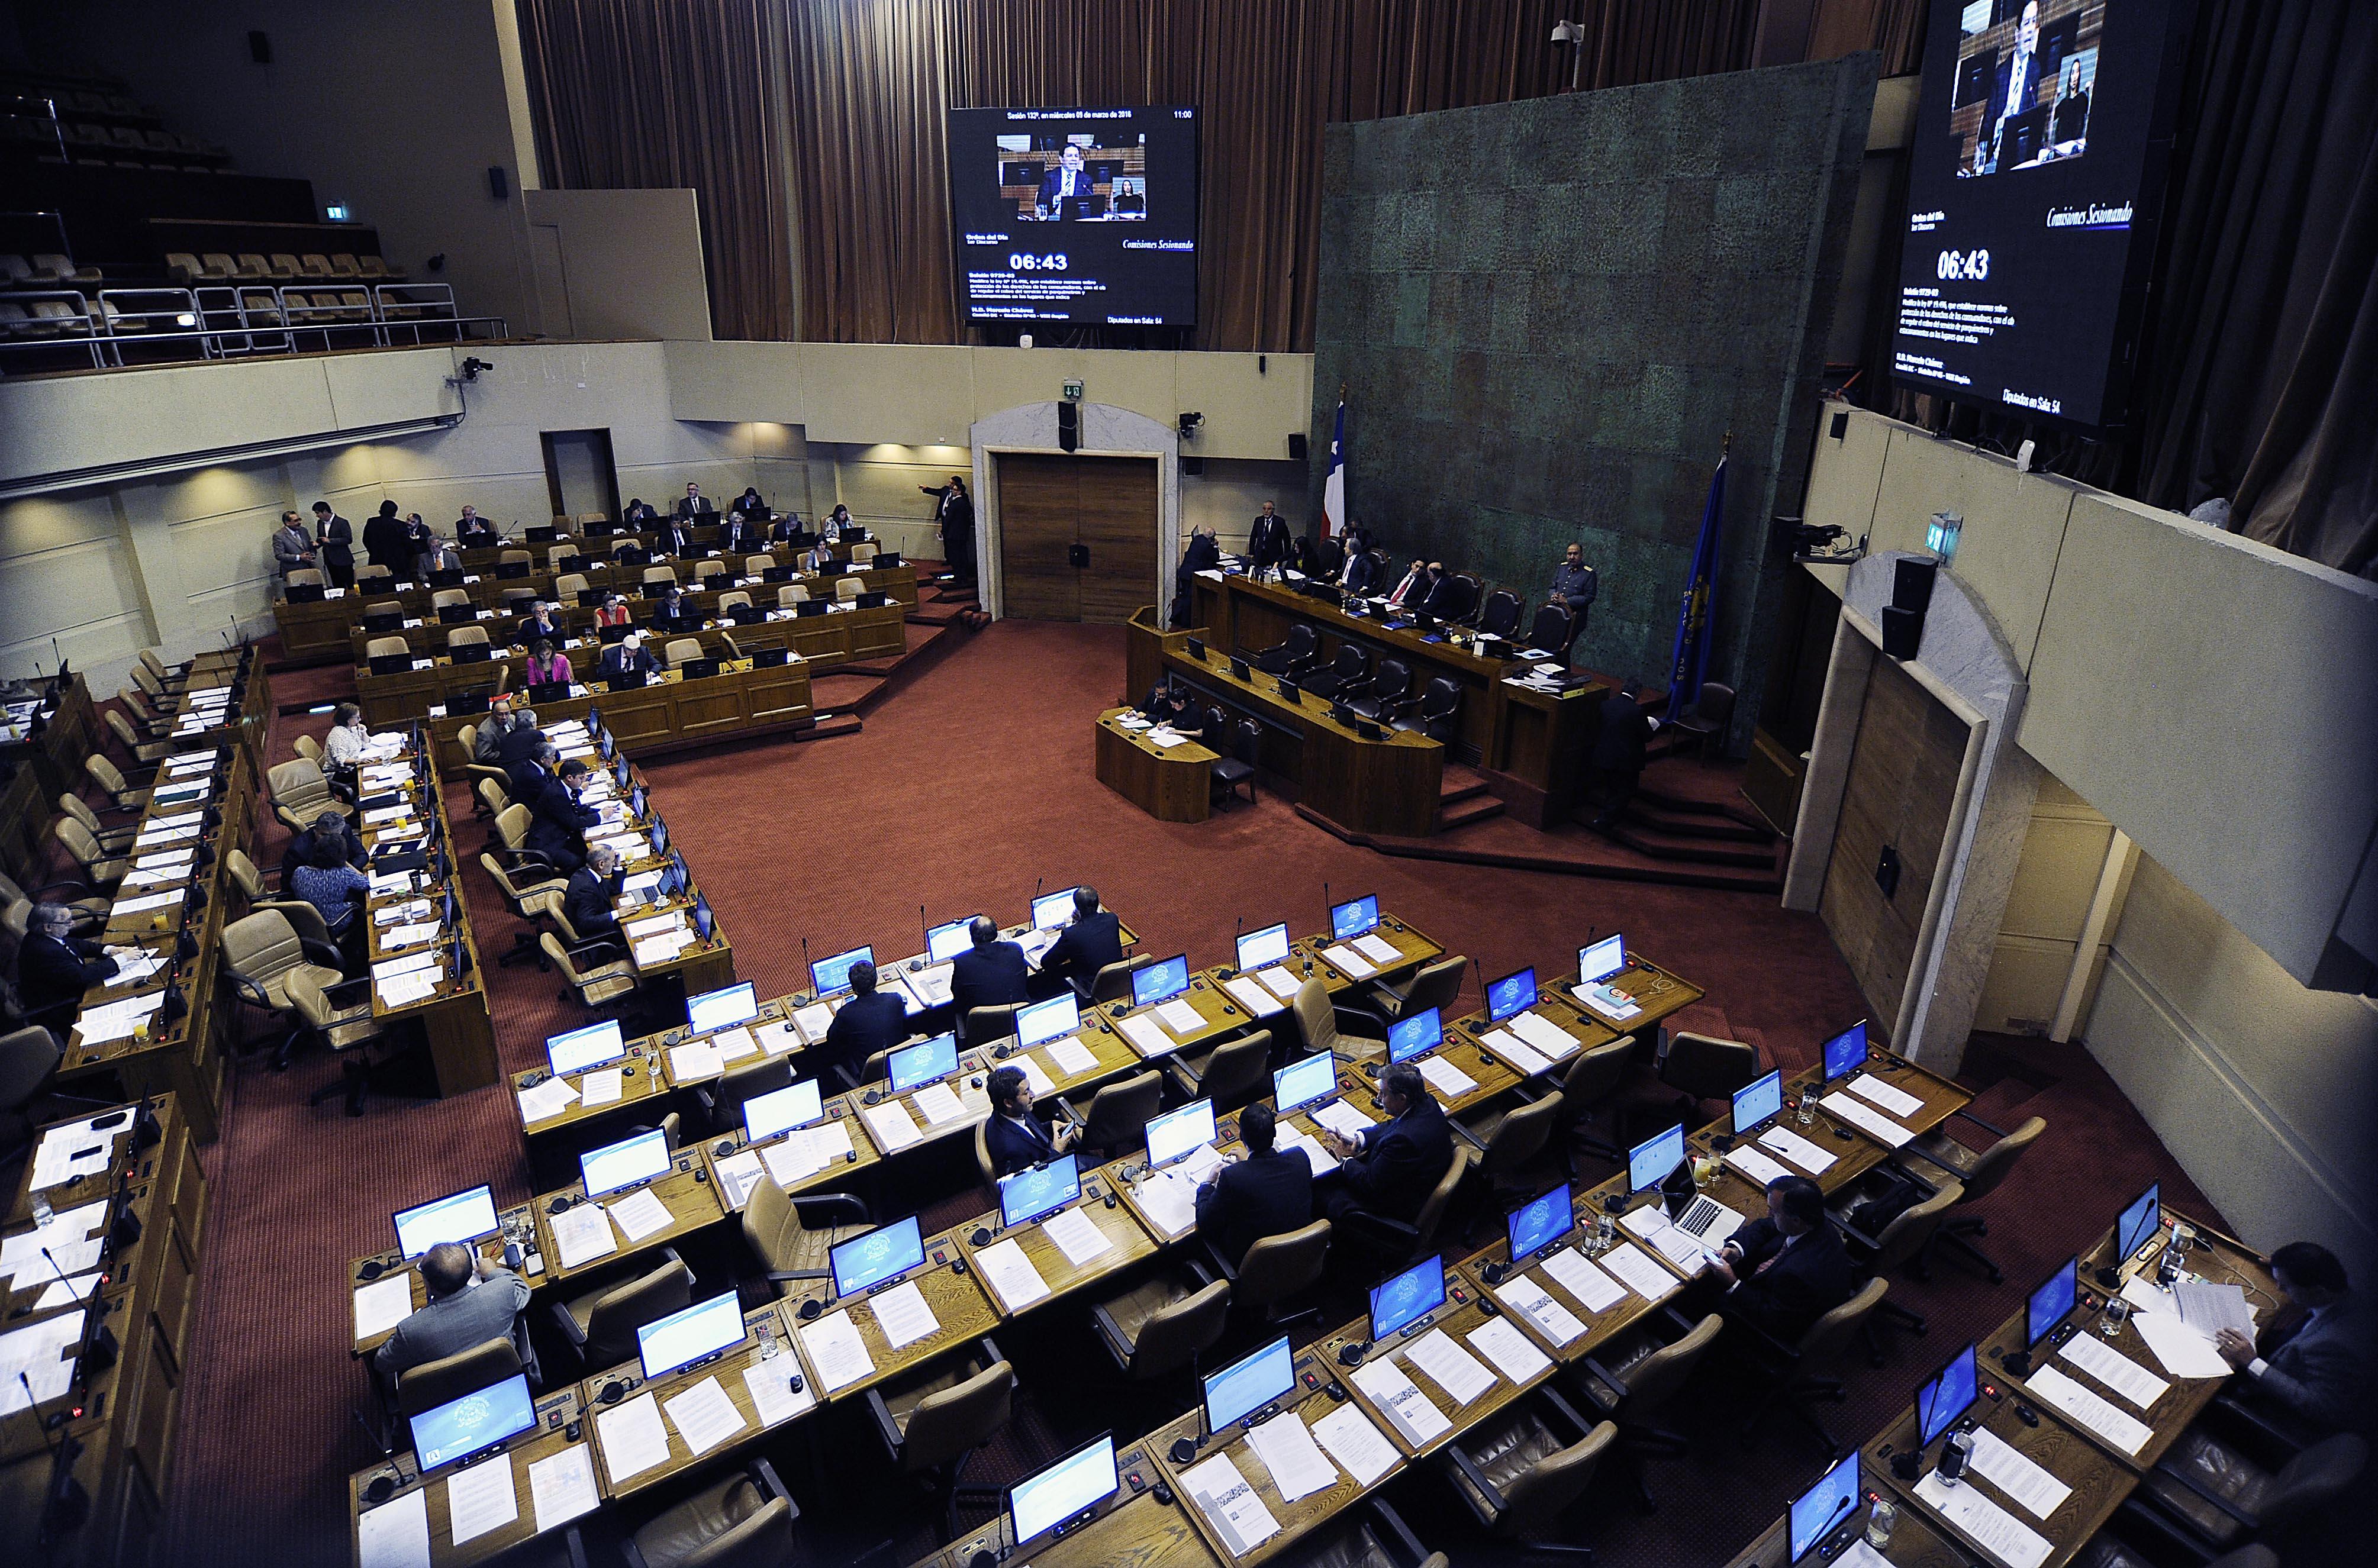 Gobierno ingresará veto solicitado por mesa del sector público para destrabar reajuste